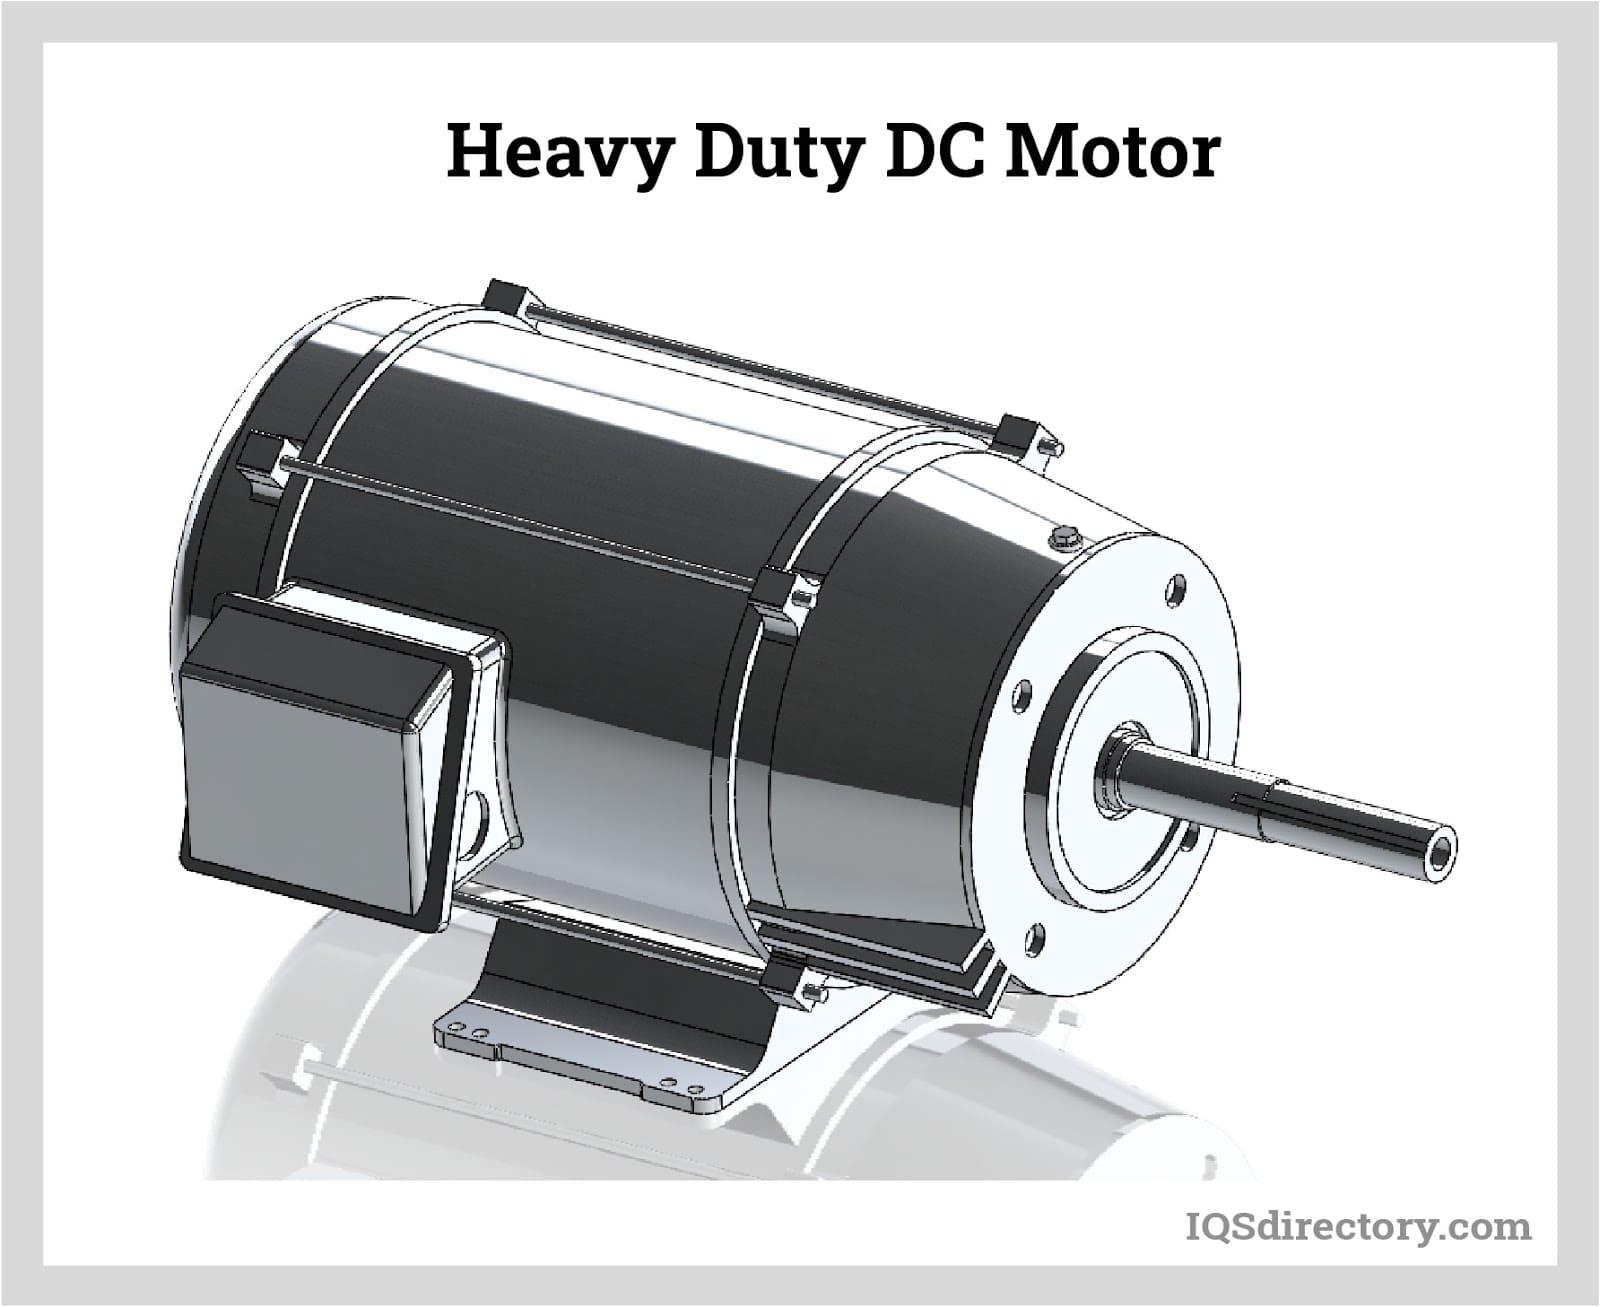 Heavy Duty DC Motor